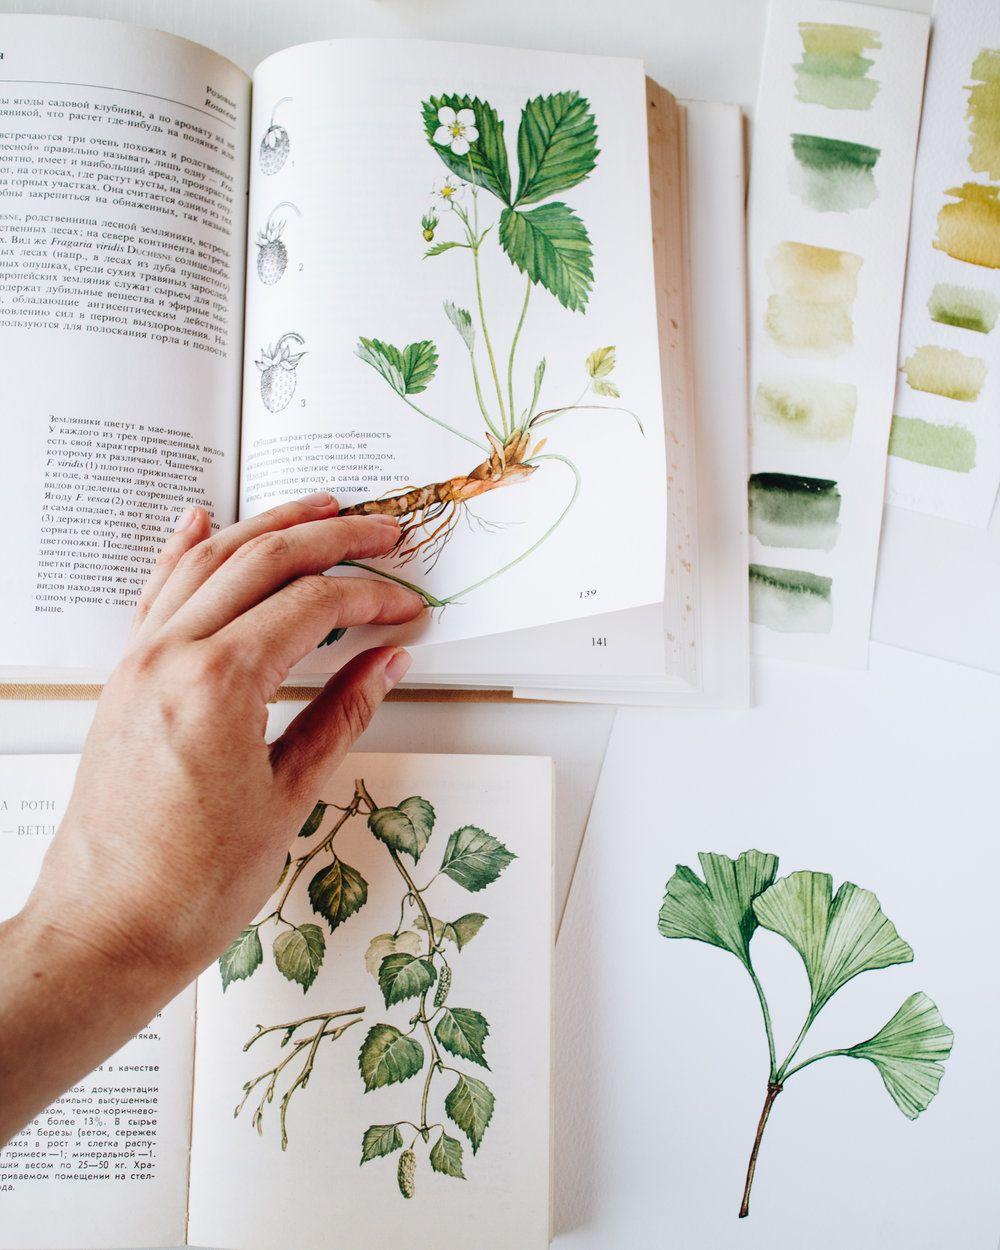 Botany Books Botany Illustration Botanical Illustration Botany Books